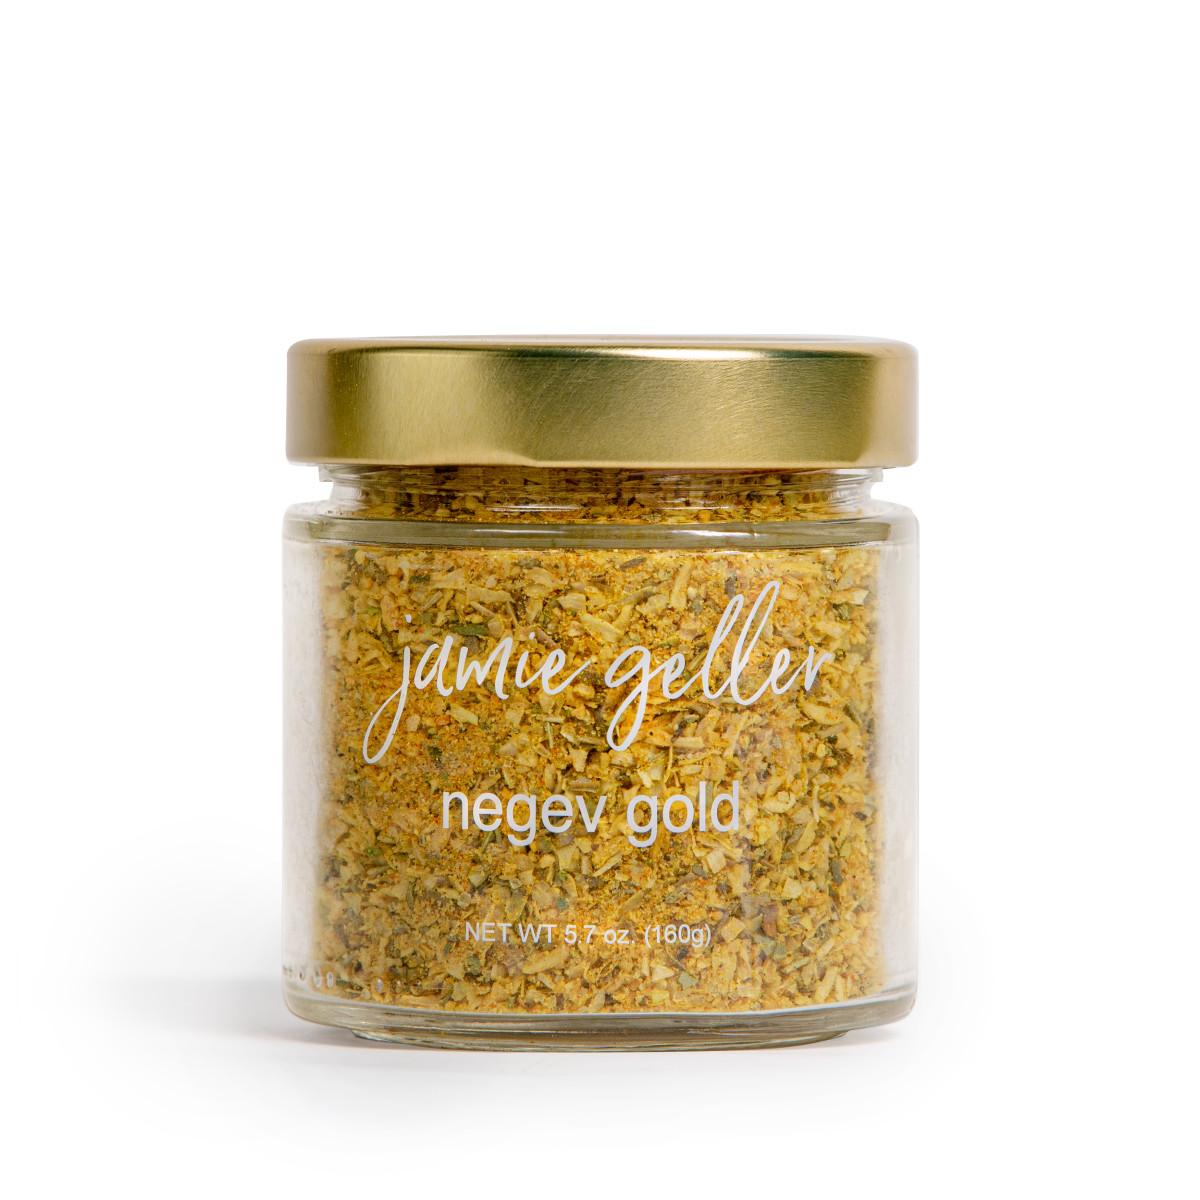 Negev Gold